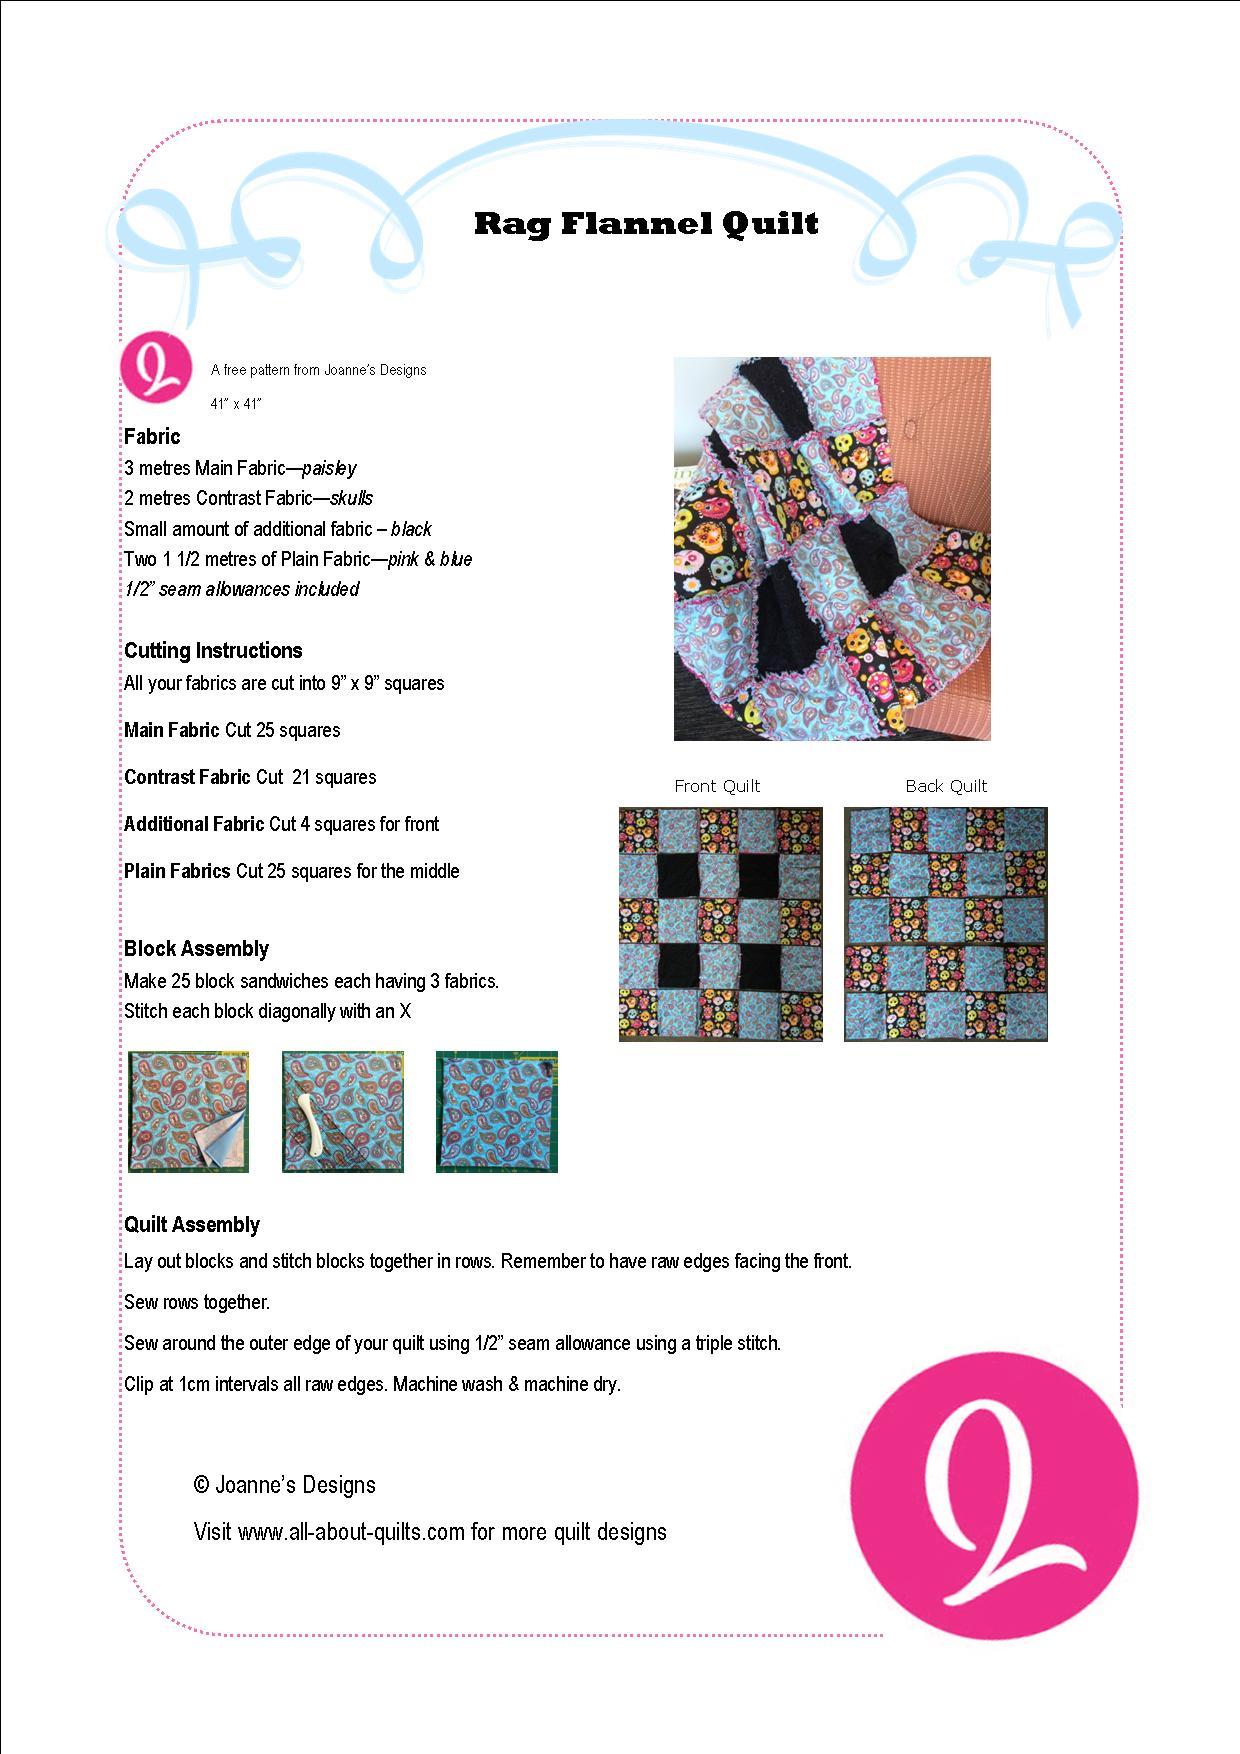 Rag Flannel Quilt Pattern